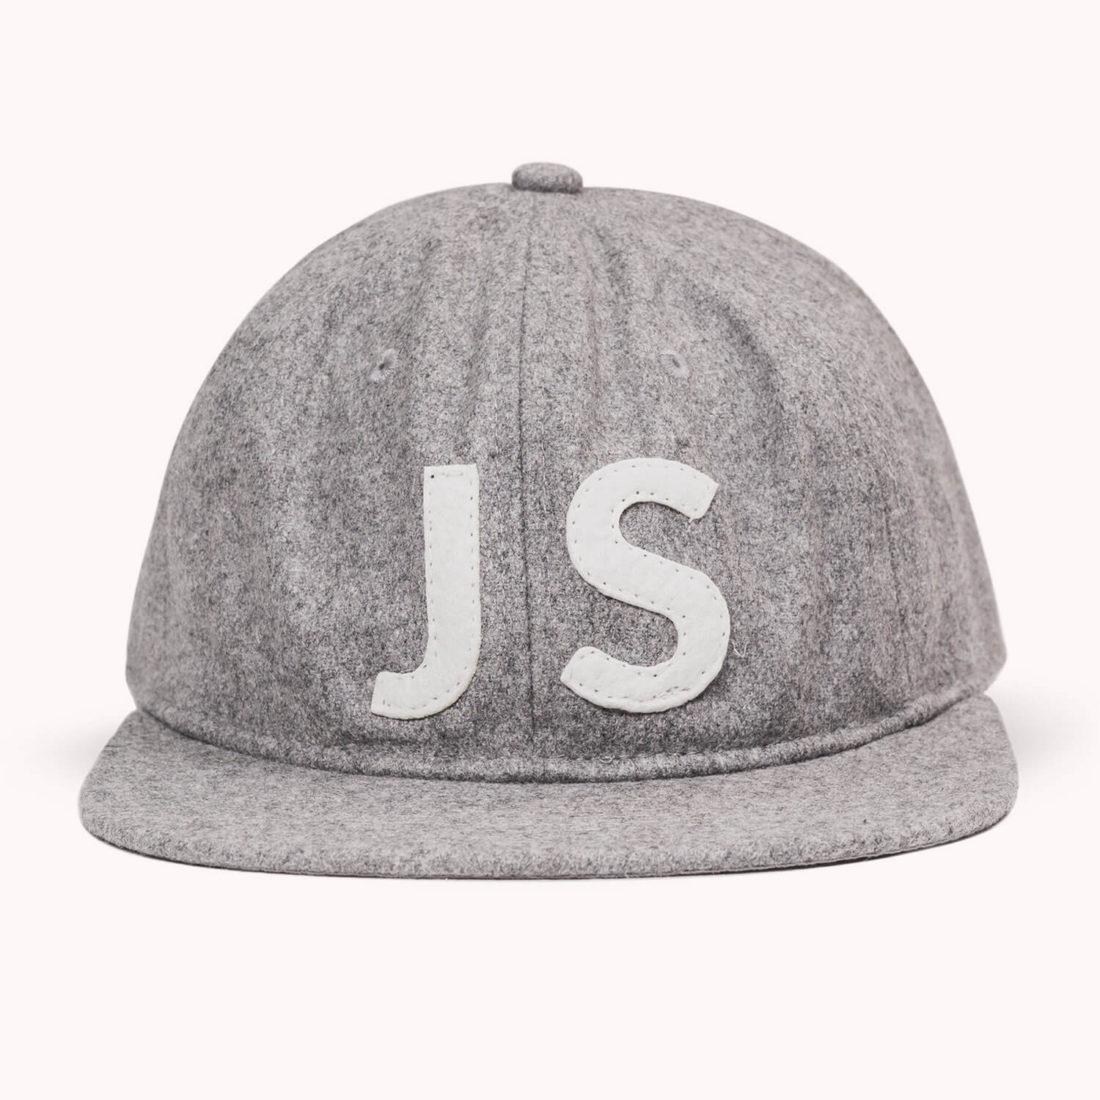 Team Hat - Steele 2